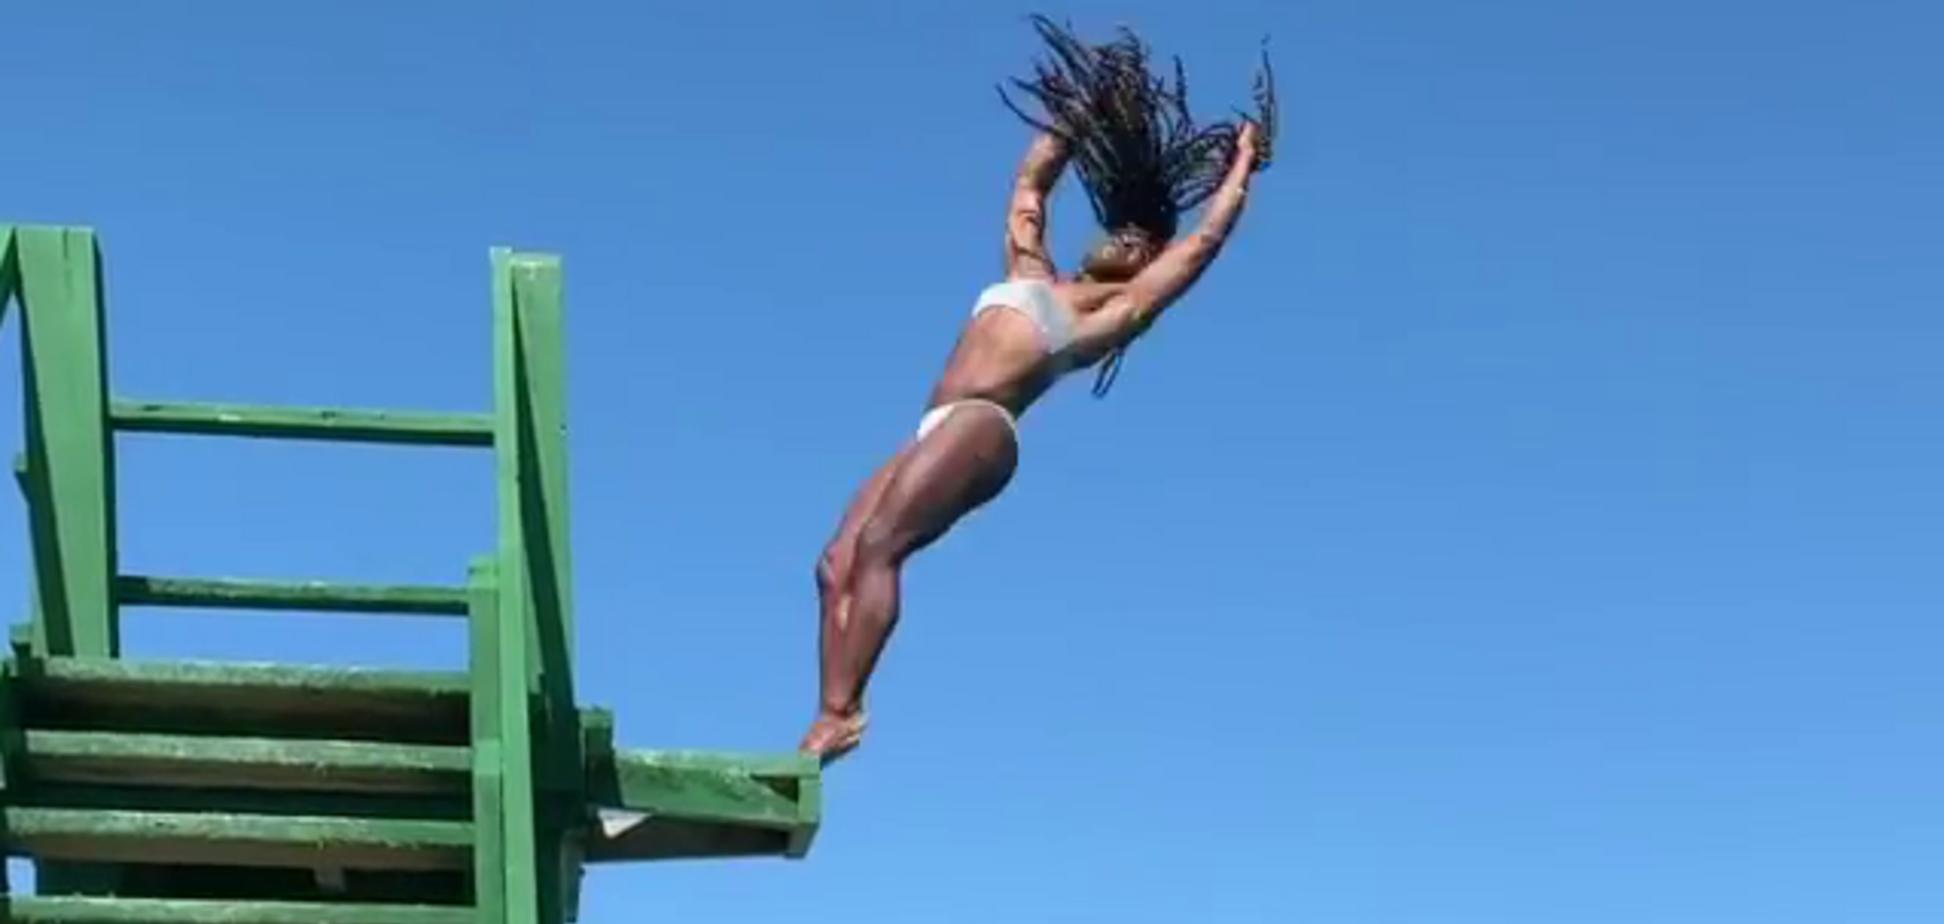 Поразительный прыжок знаменитой гимнастки собрал миллионы просмотров